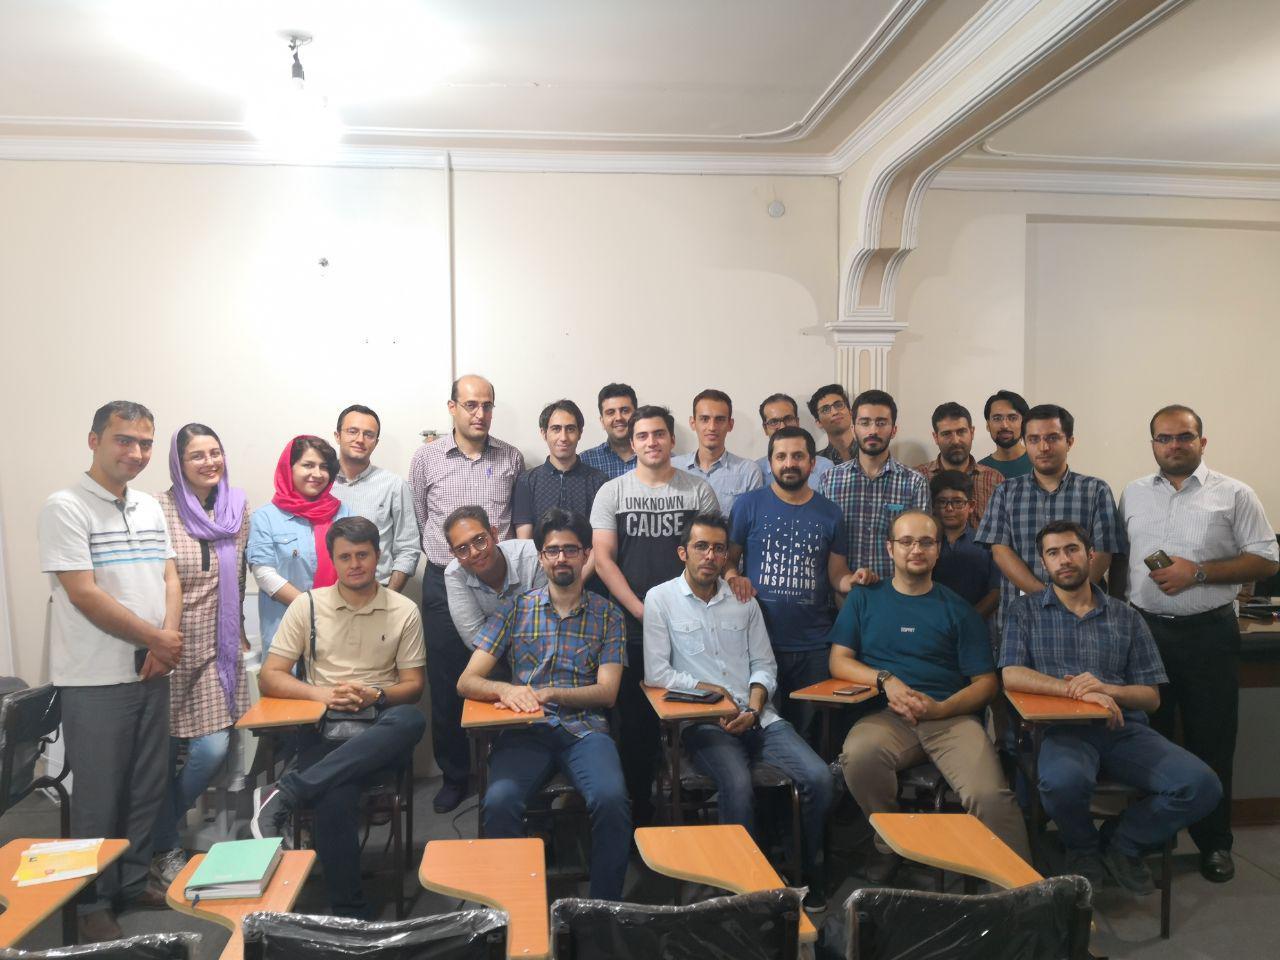 بازاریابی درونگرا - جلسات باز نرمافزاری تبریز